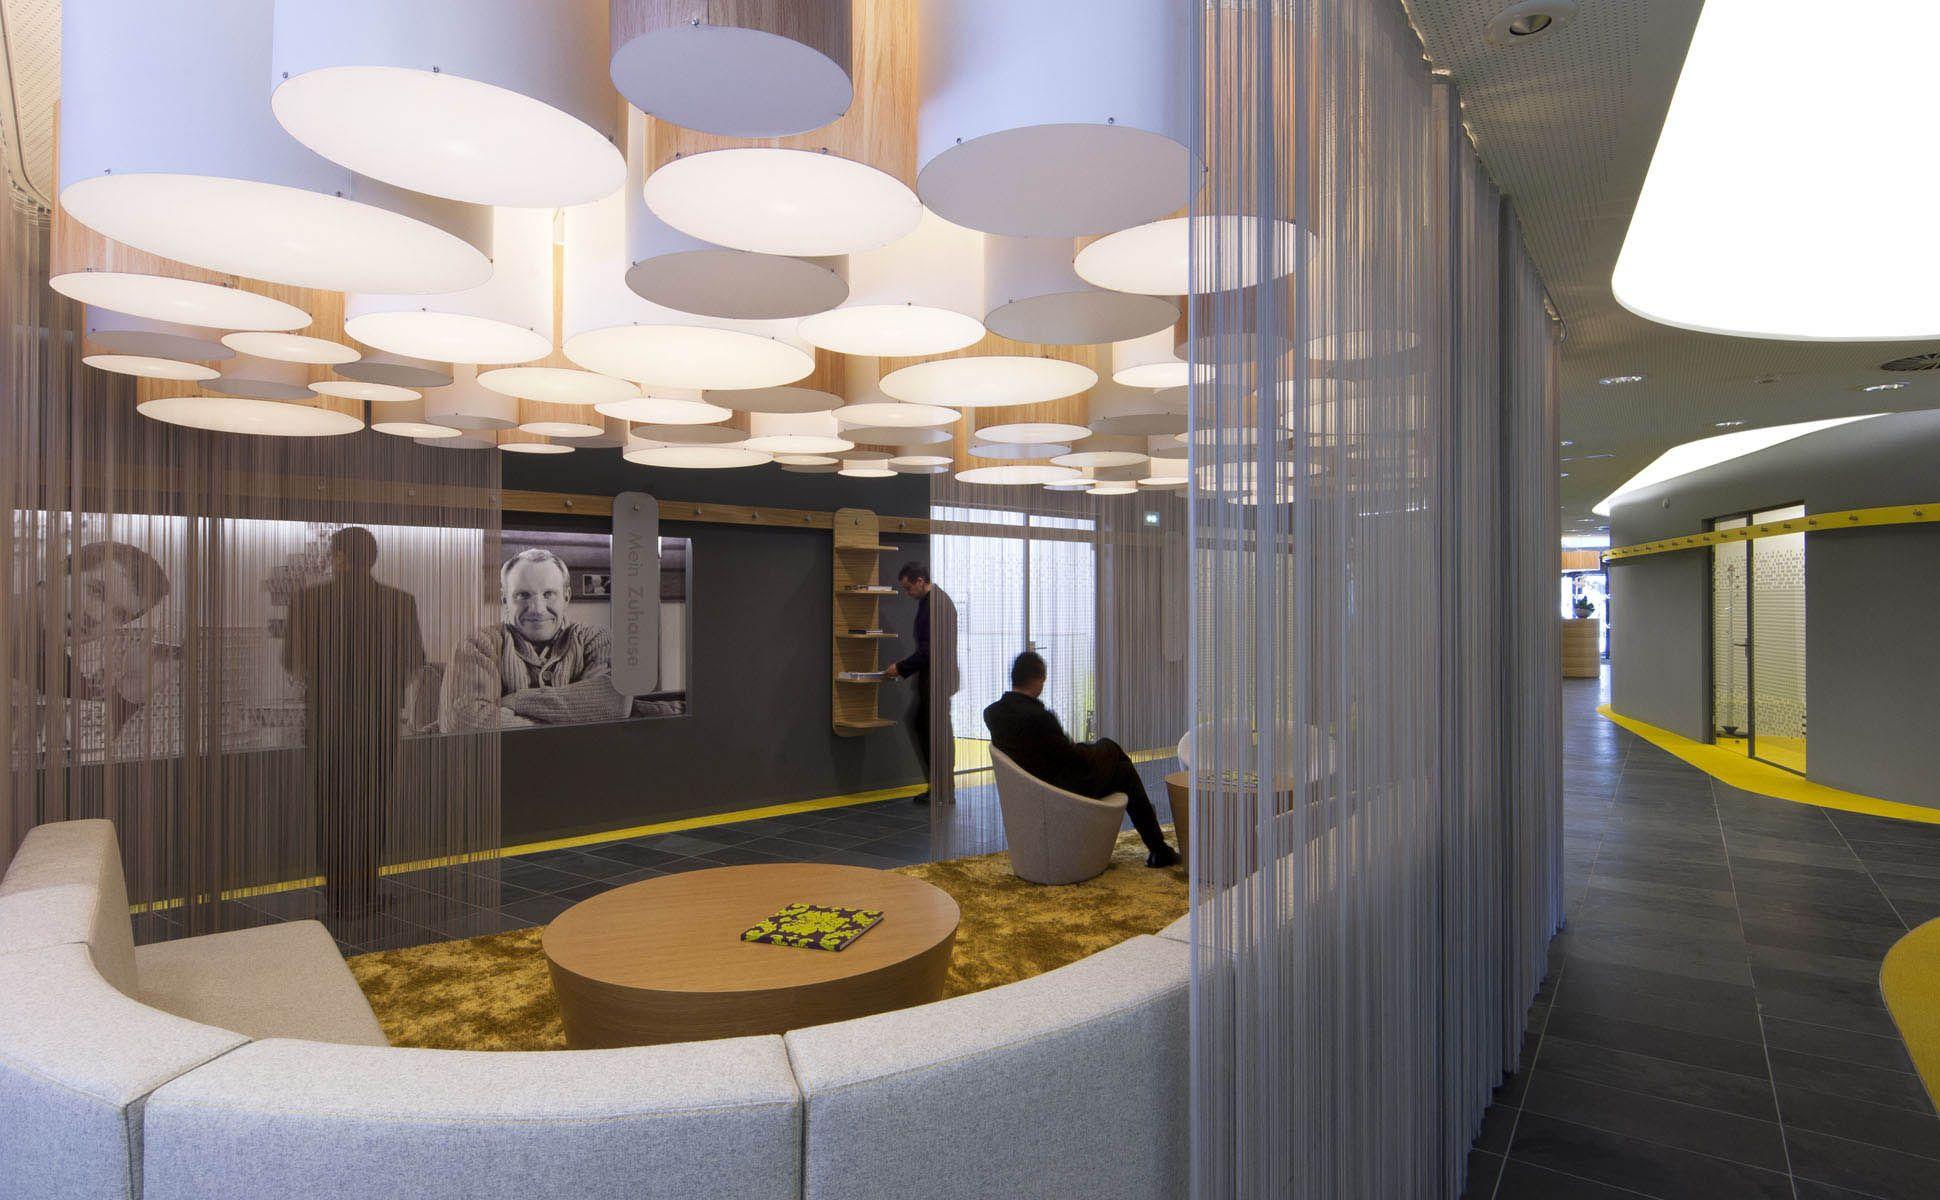 bkp - Raiffeisenbank: Lounge für Kunden zum informieren und warten ...